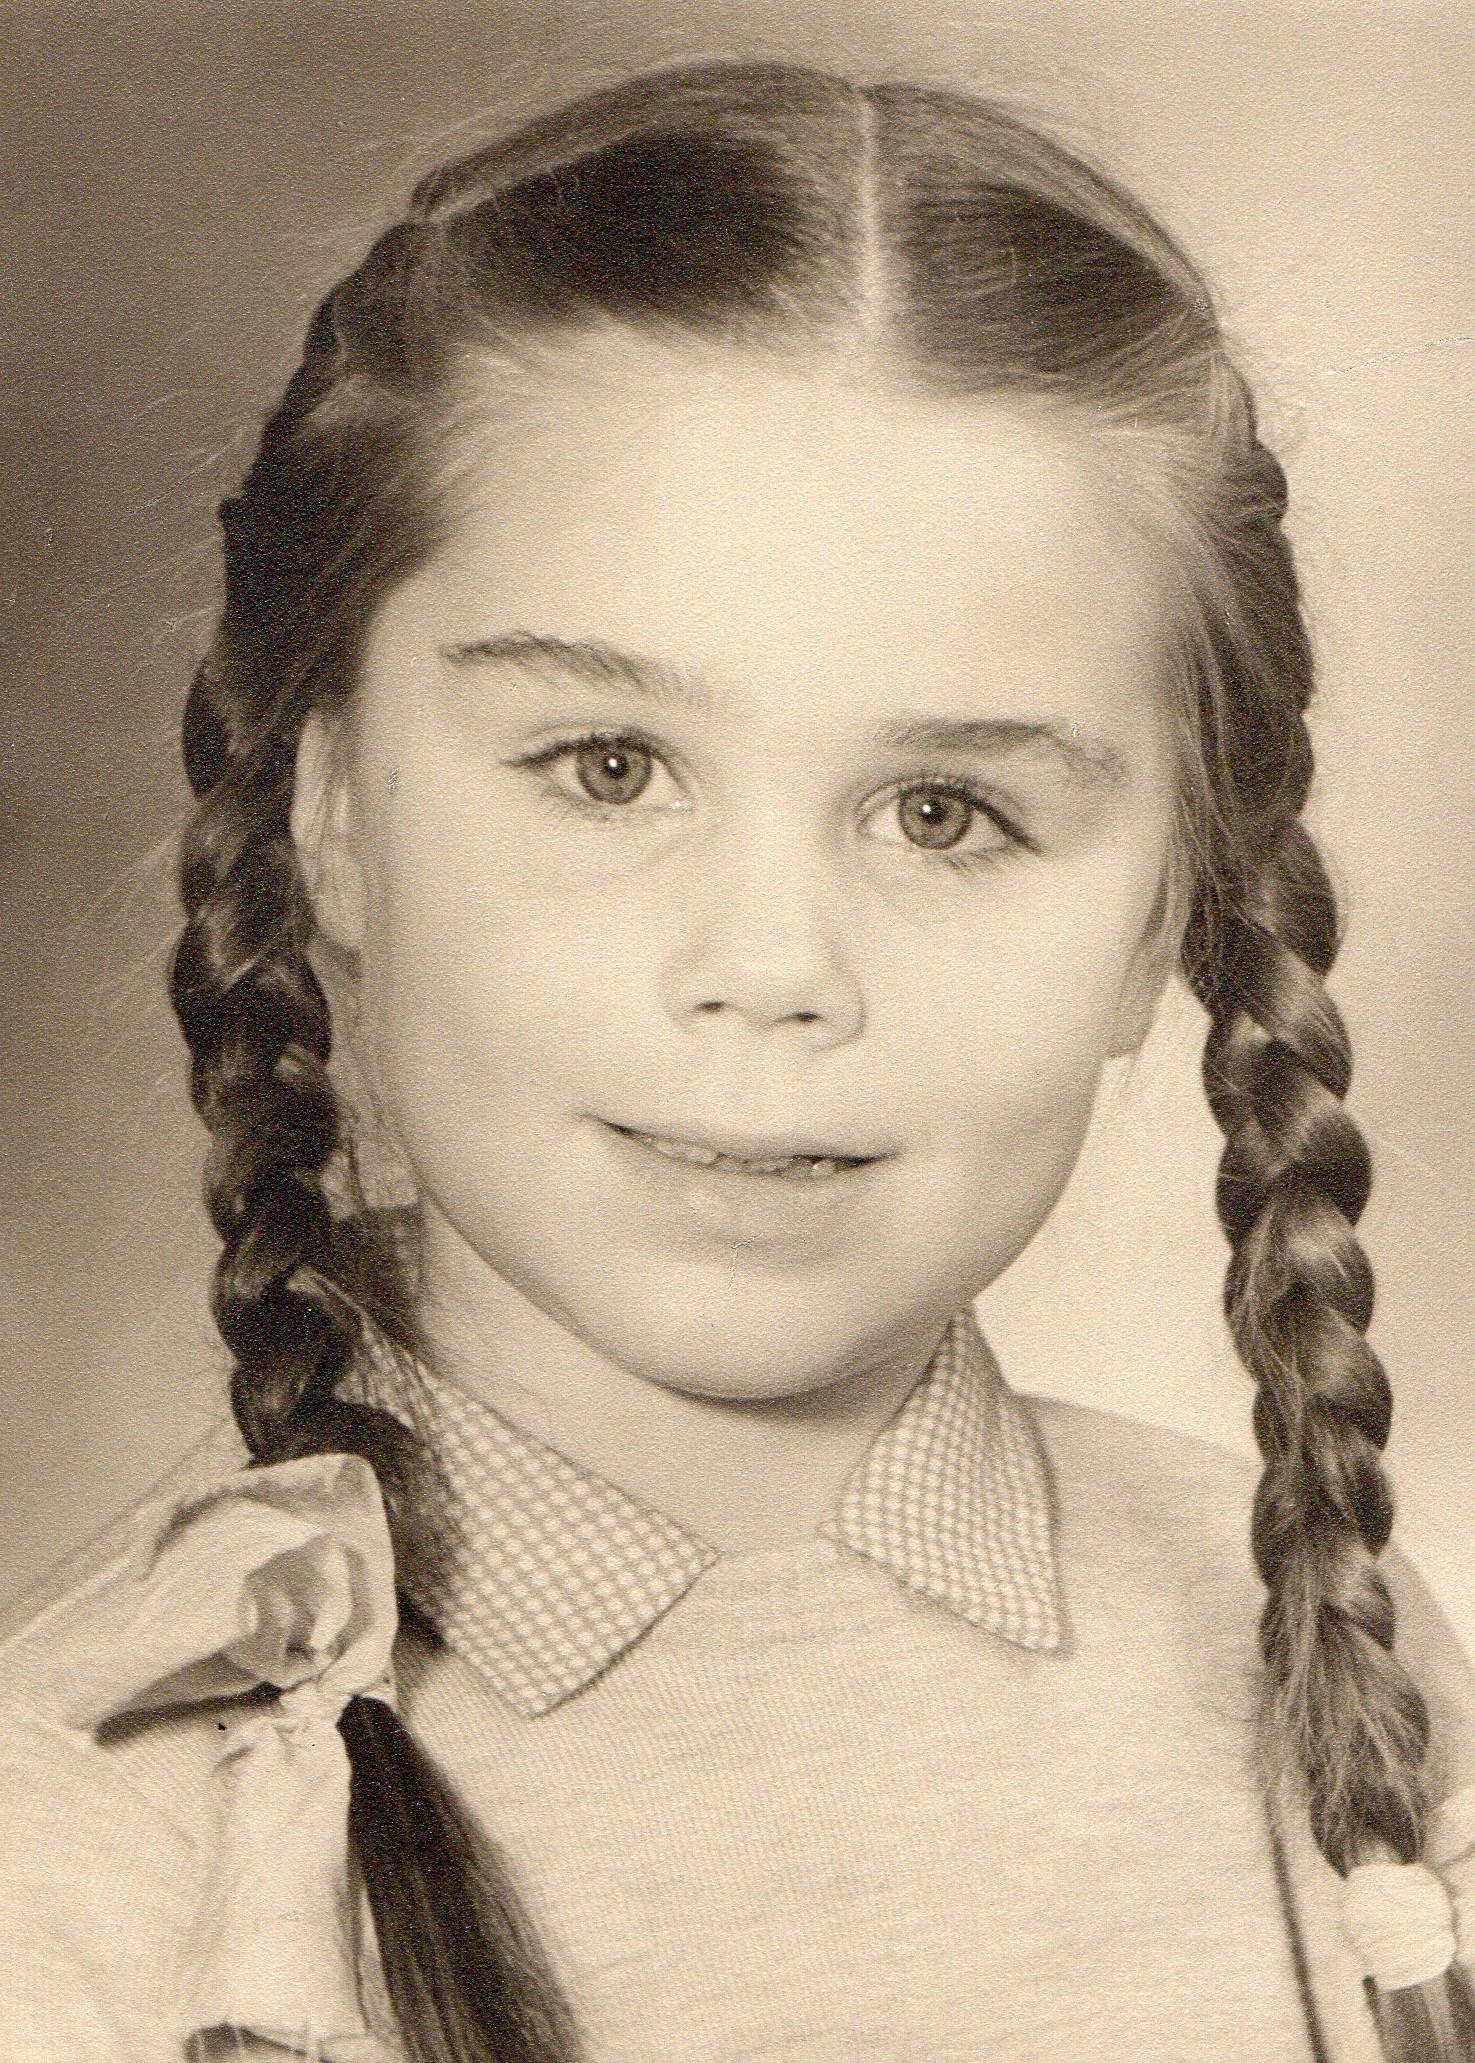 Bar age 7